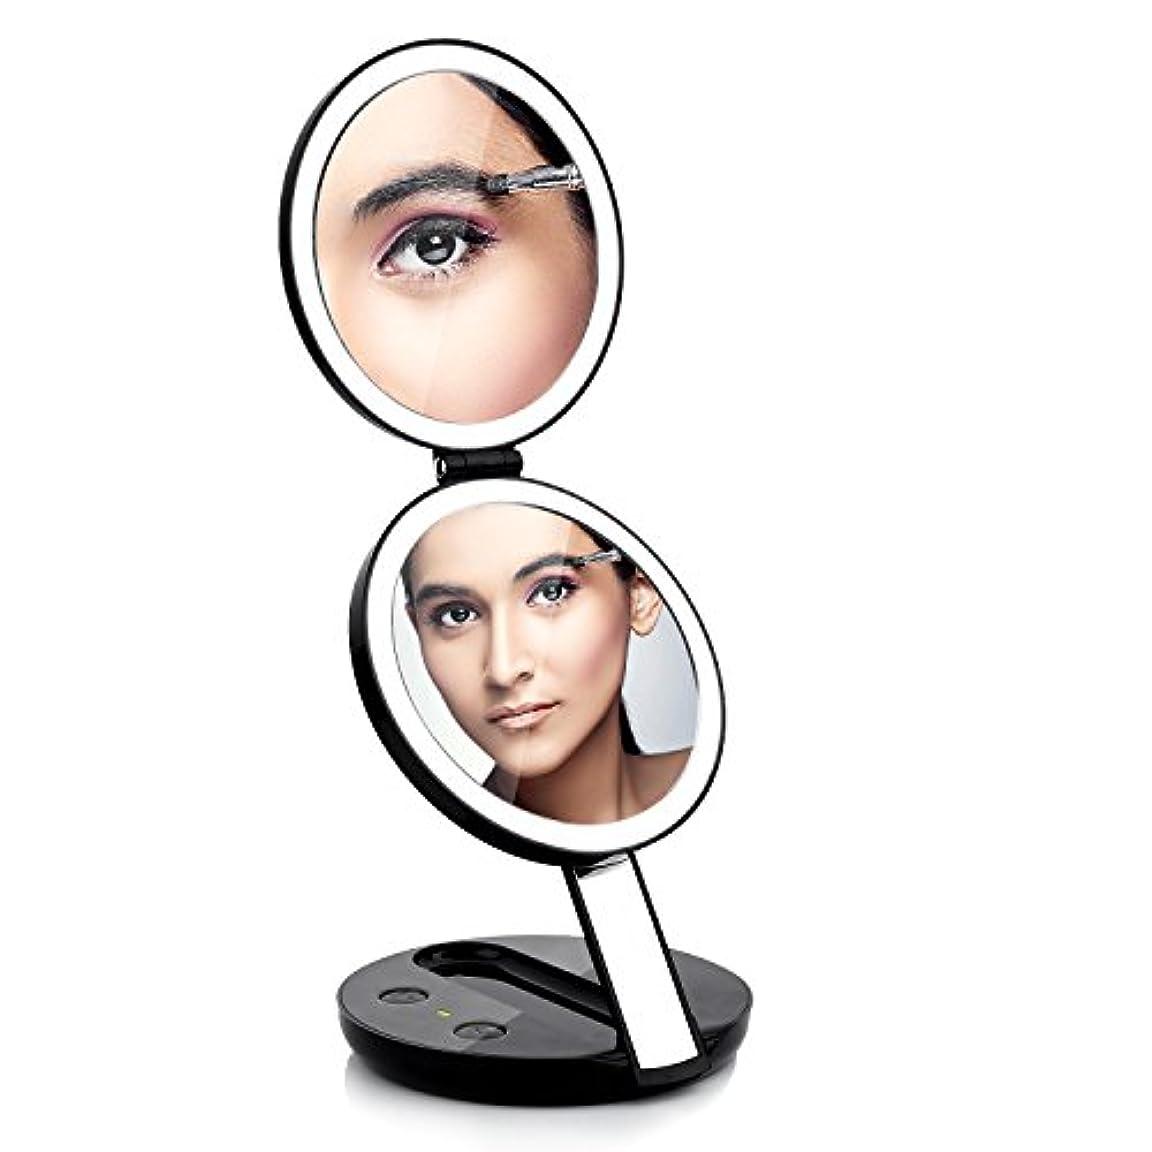 形状マークダウンところでコンパクトミラー 両面 卓上ミラー 化粧鏡 手鏡 丸型 Ledライト 等倍と7倍拡大鏡 折りたたみ式 明るさ調整可能 角度調節USB給電 電池式 おしゃれ 手のひらサイズ 贈り物(ブラック)